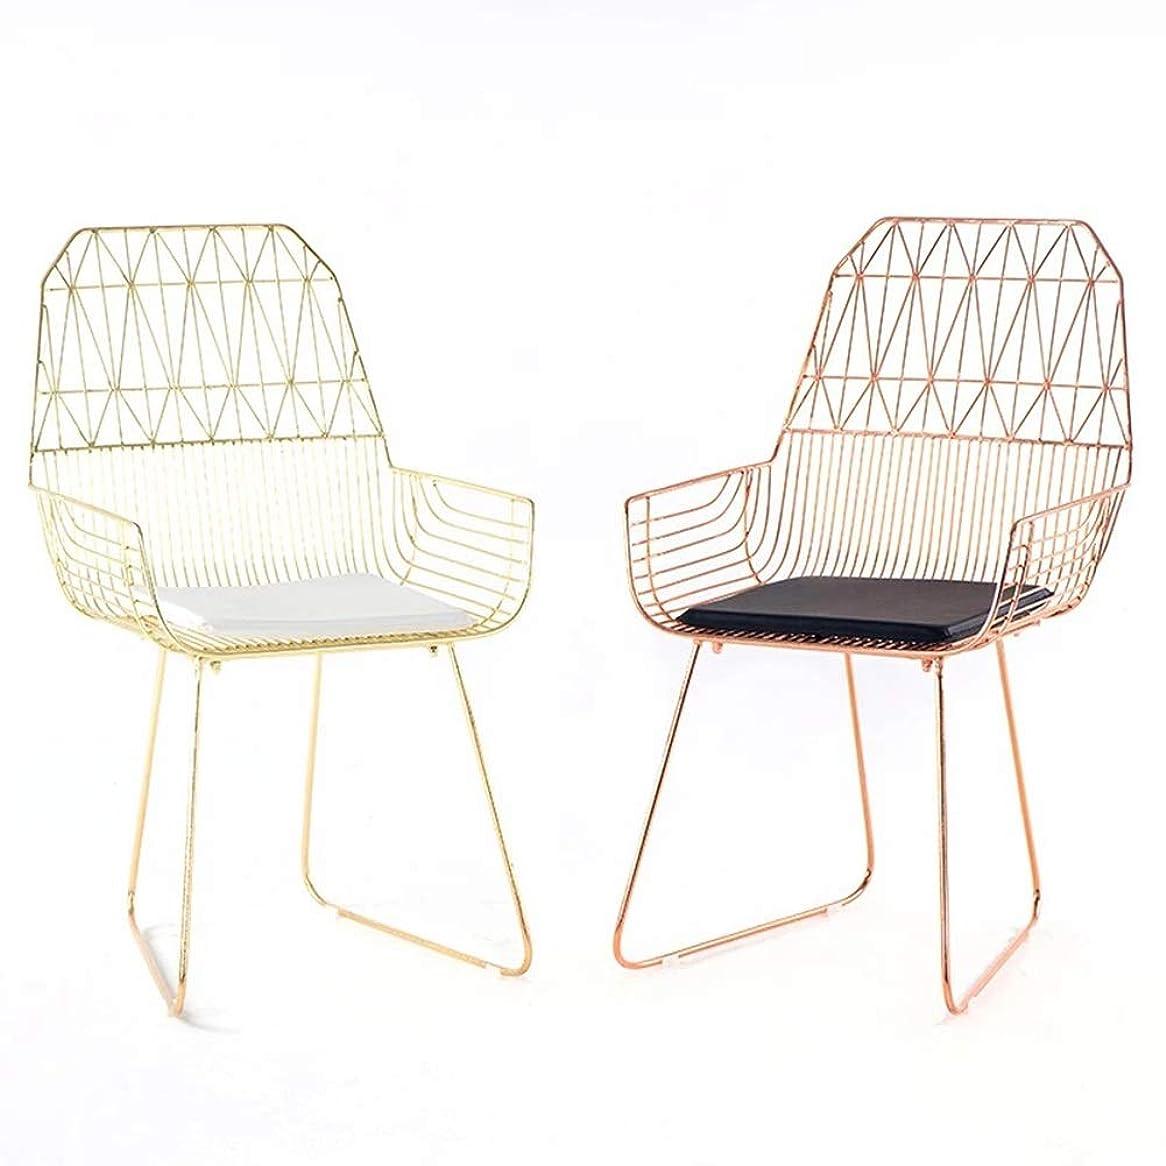 きしむ湖咲く椅子ヨーロッパスタイルシンプルな中空鉄ワイヤーチェア錬鉄製の椅子レジャーバーレストランリビングルーム金属クリエイティブデザイナーチェア (Color : Rose gold)